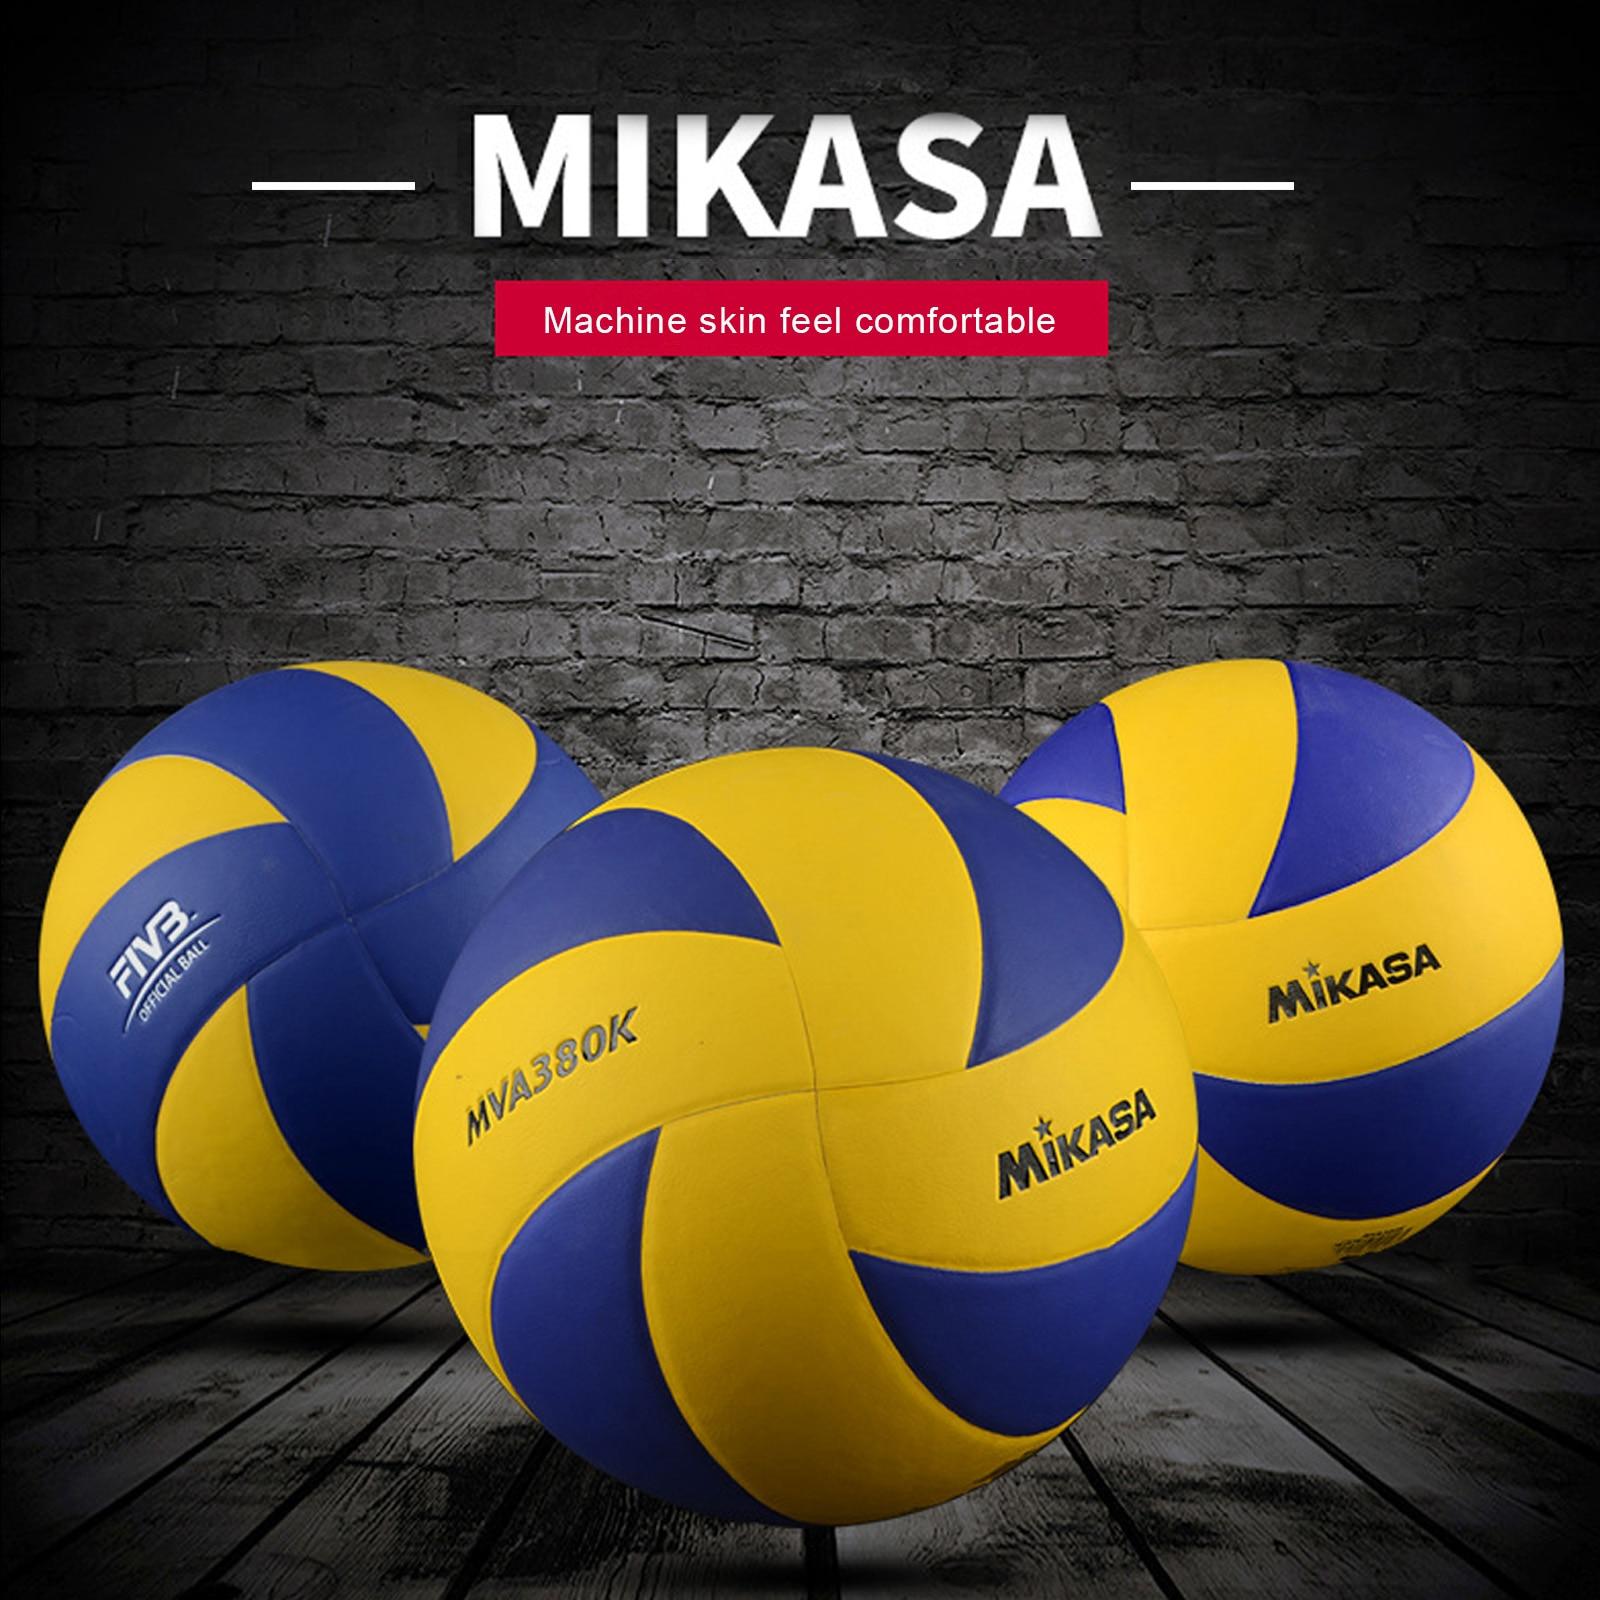 Стандарт № 5 профессиональный волейбол ударопрочный волейбол сменный ПВХ волейбол для соревнований тренировок спорта